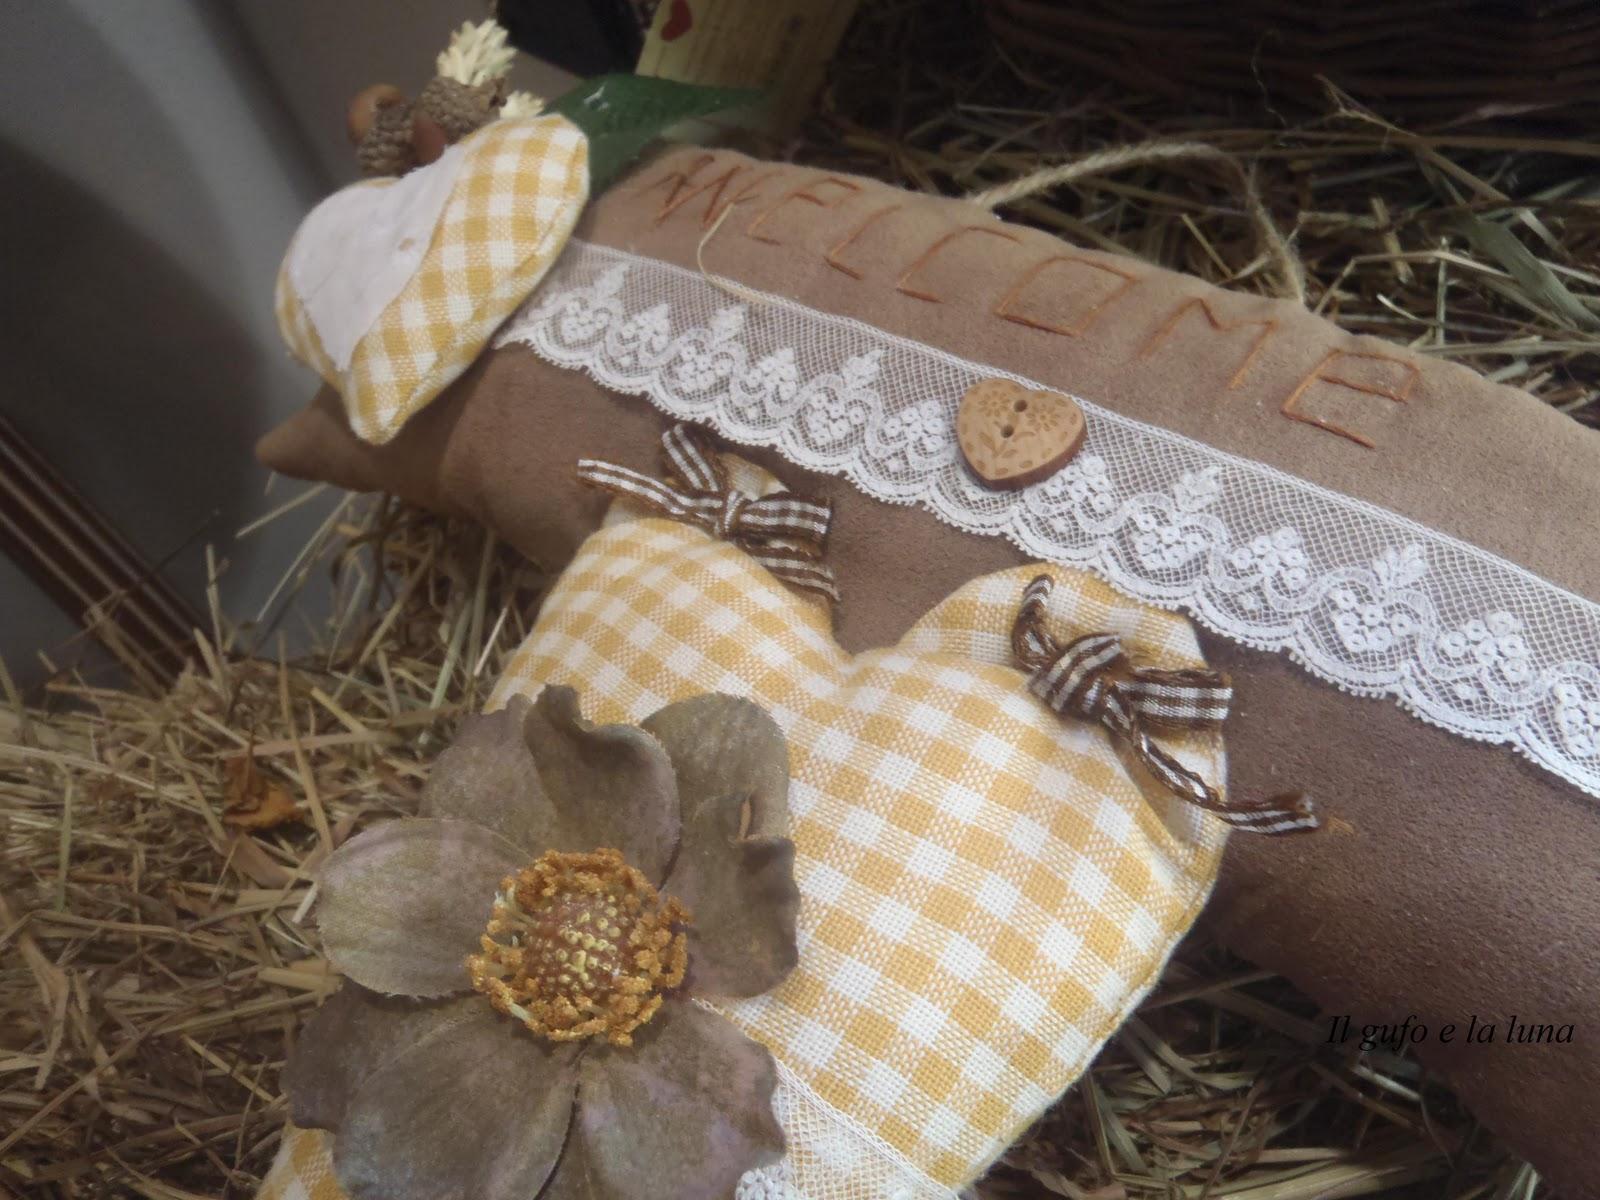 Il Gufo E La Luna Shabby Chic & Country Style #8D6E3E 1600 1200 Cucine Shabby Chic Scavolini